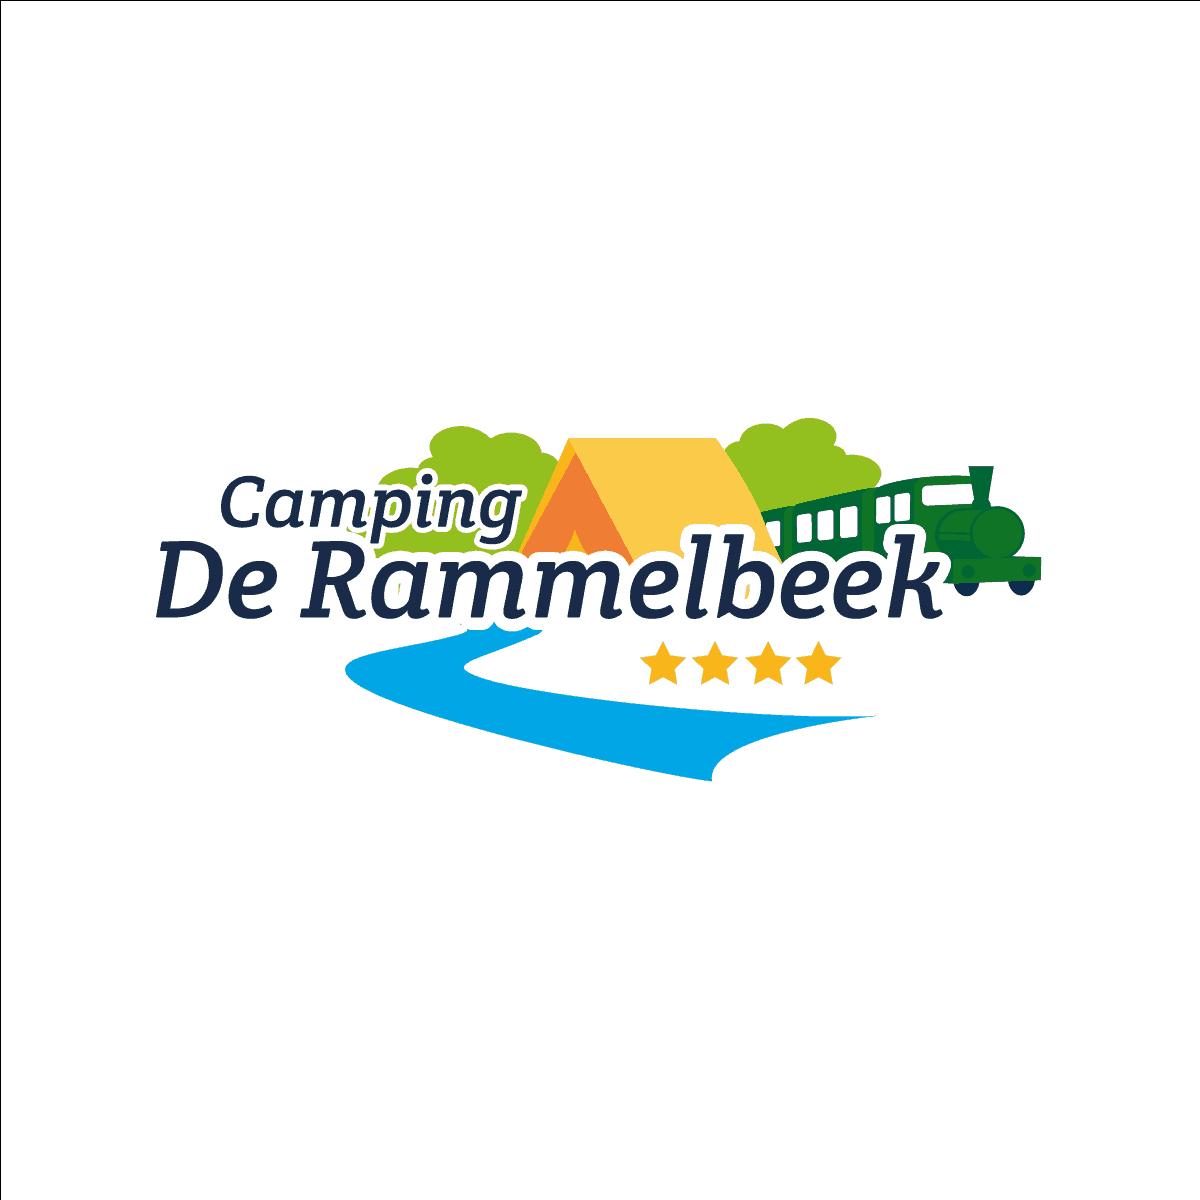 logo-ontwerp-camping-rammelbeek-burobedenkt